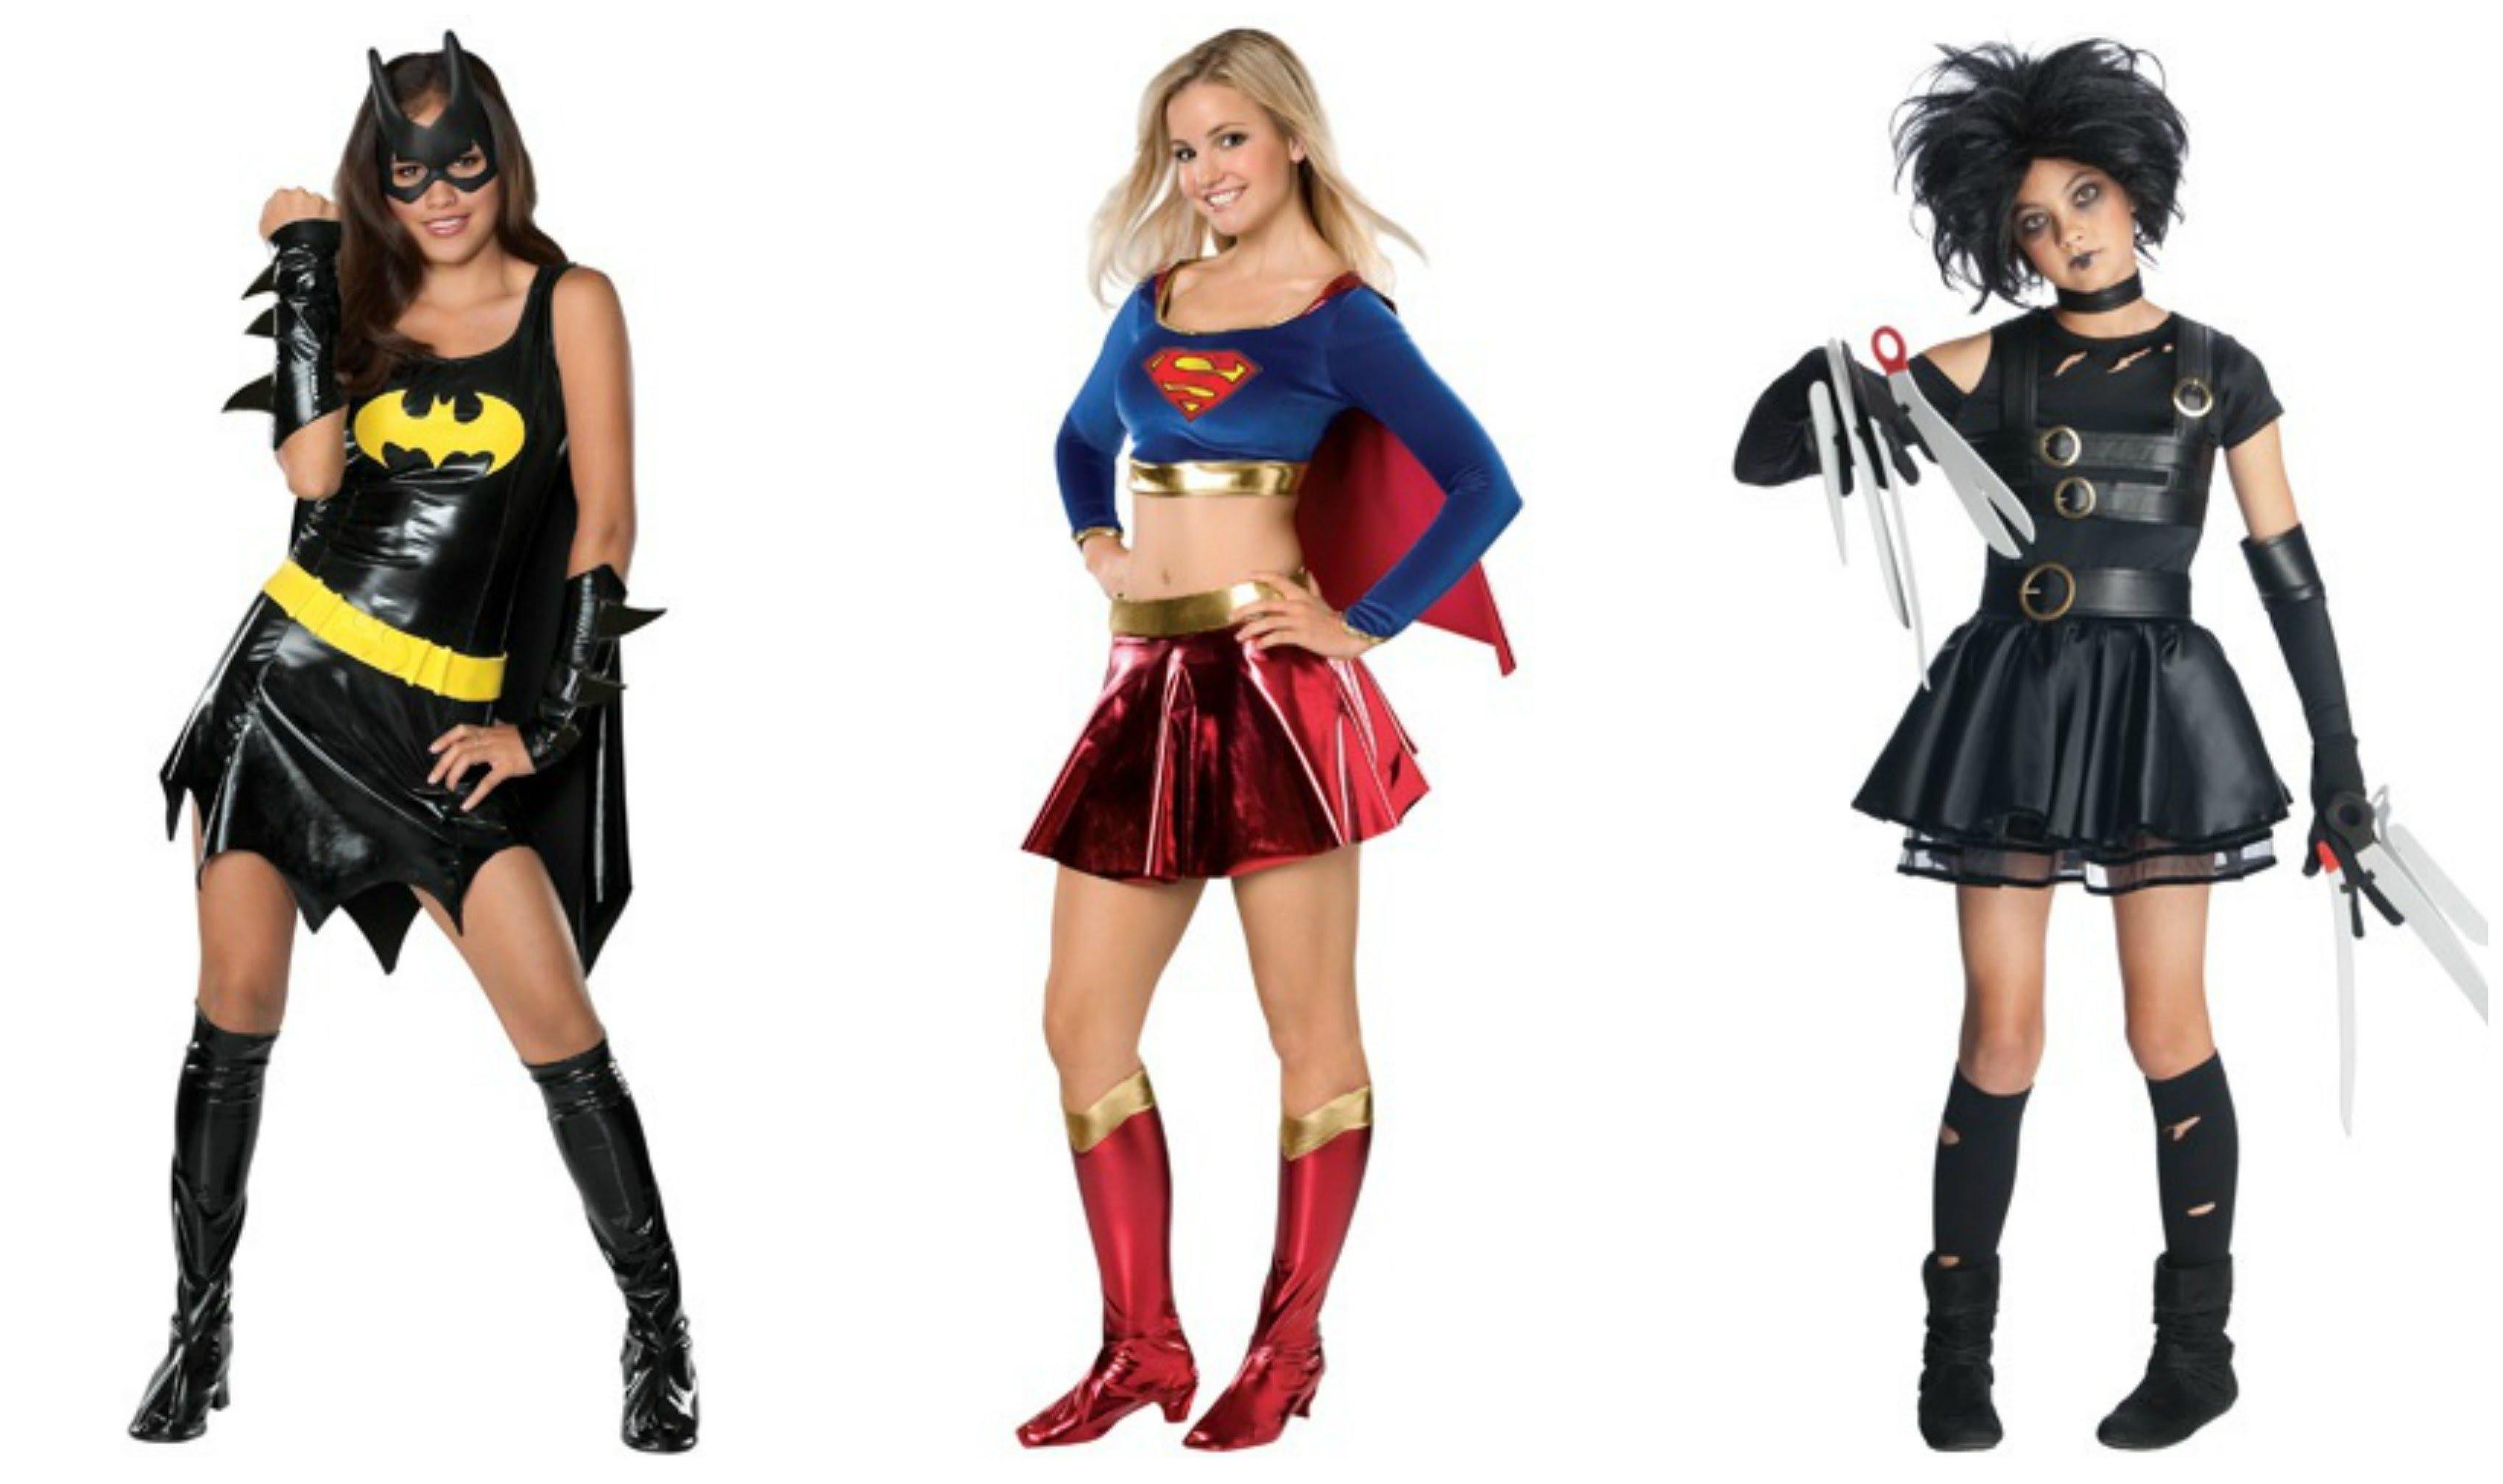 59 ideas for halloween costumes for tweens, tween 60s mod chic